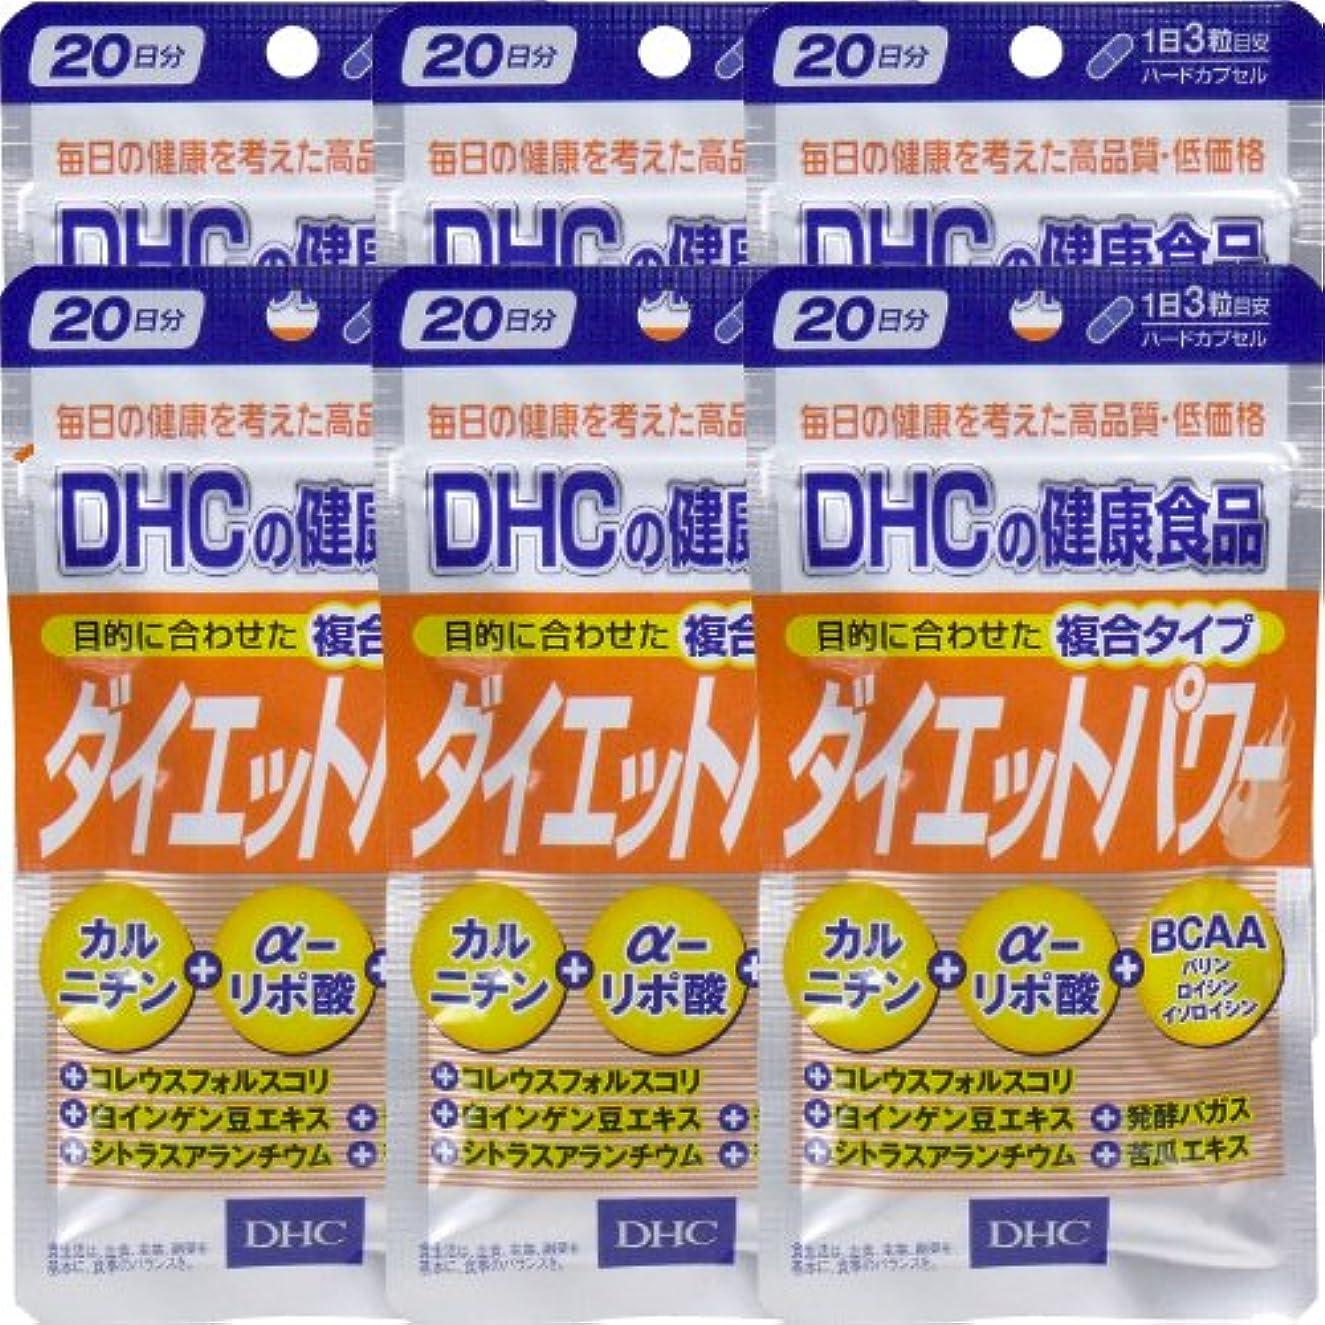 ドナー決めます団結DHC ダイエットパワー 20日分(60粒) ×6個